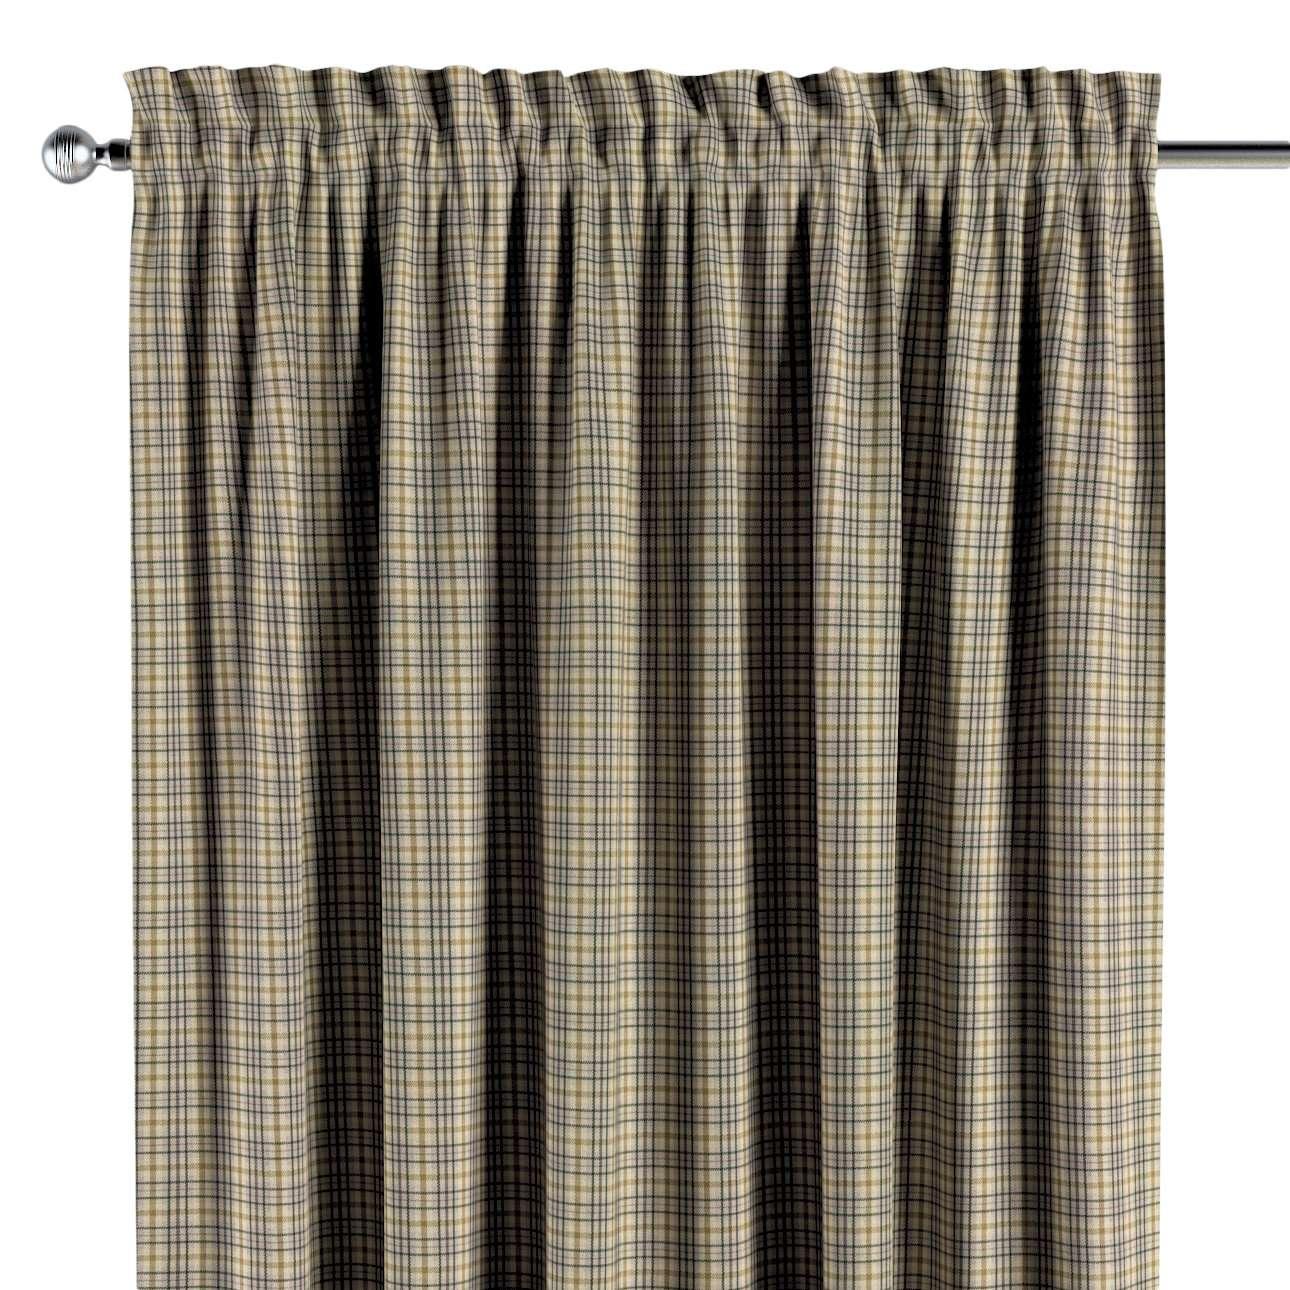 Zasłona na kanale z grzywką 1 szt. w kolekcji Londres, tkanina: 143-39